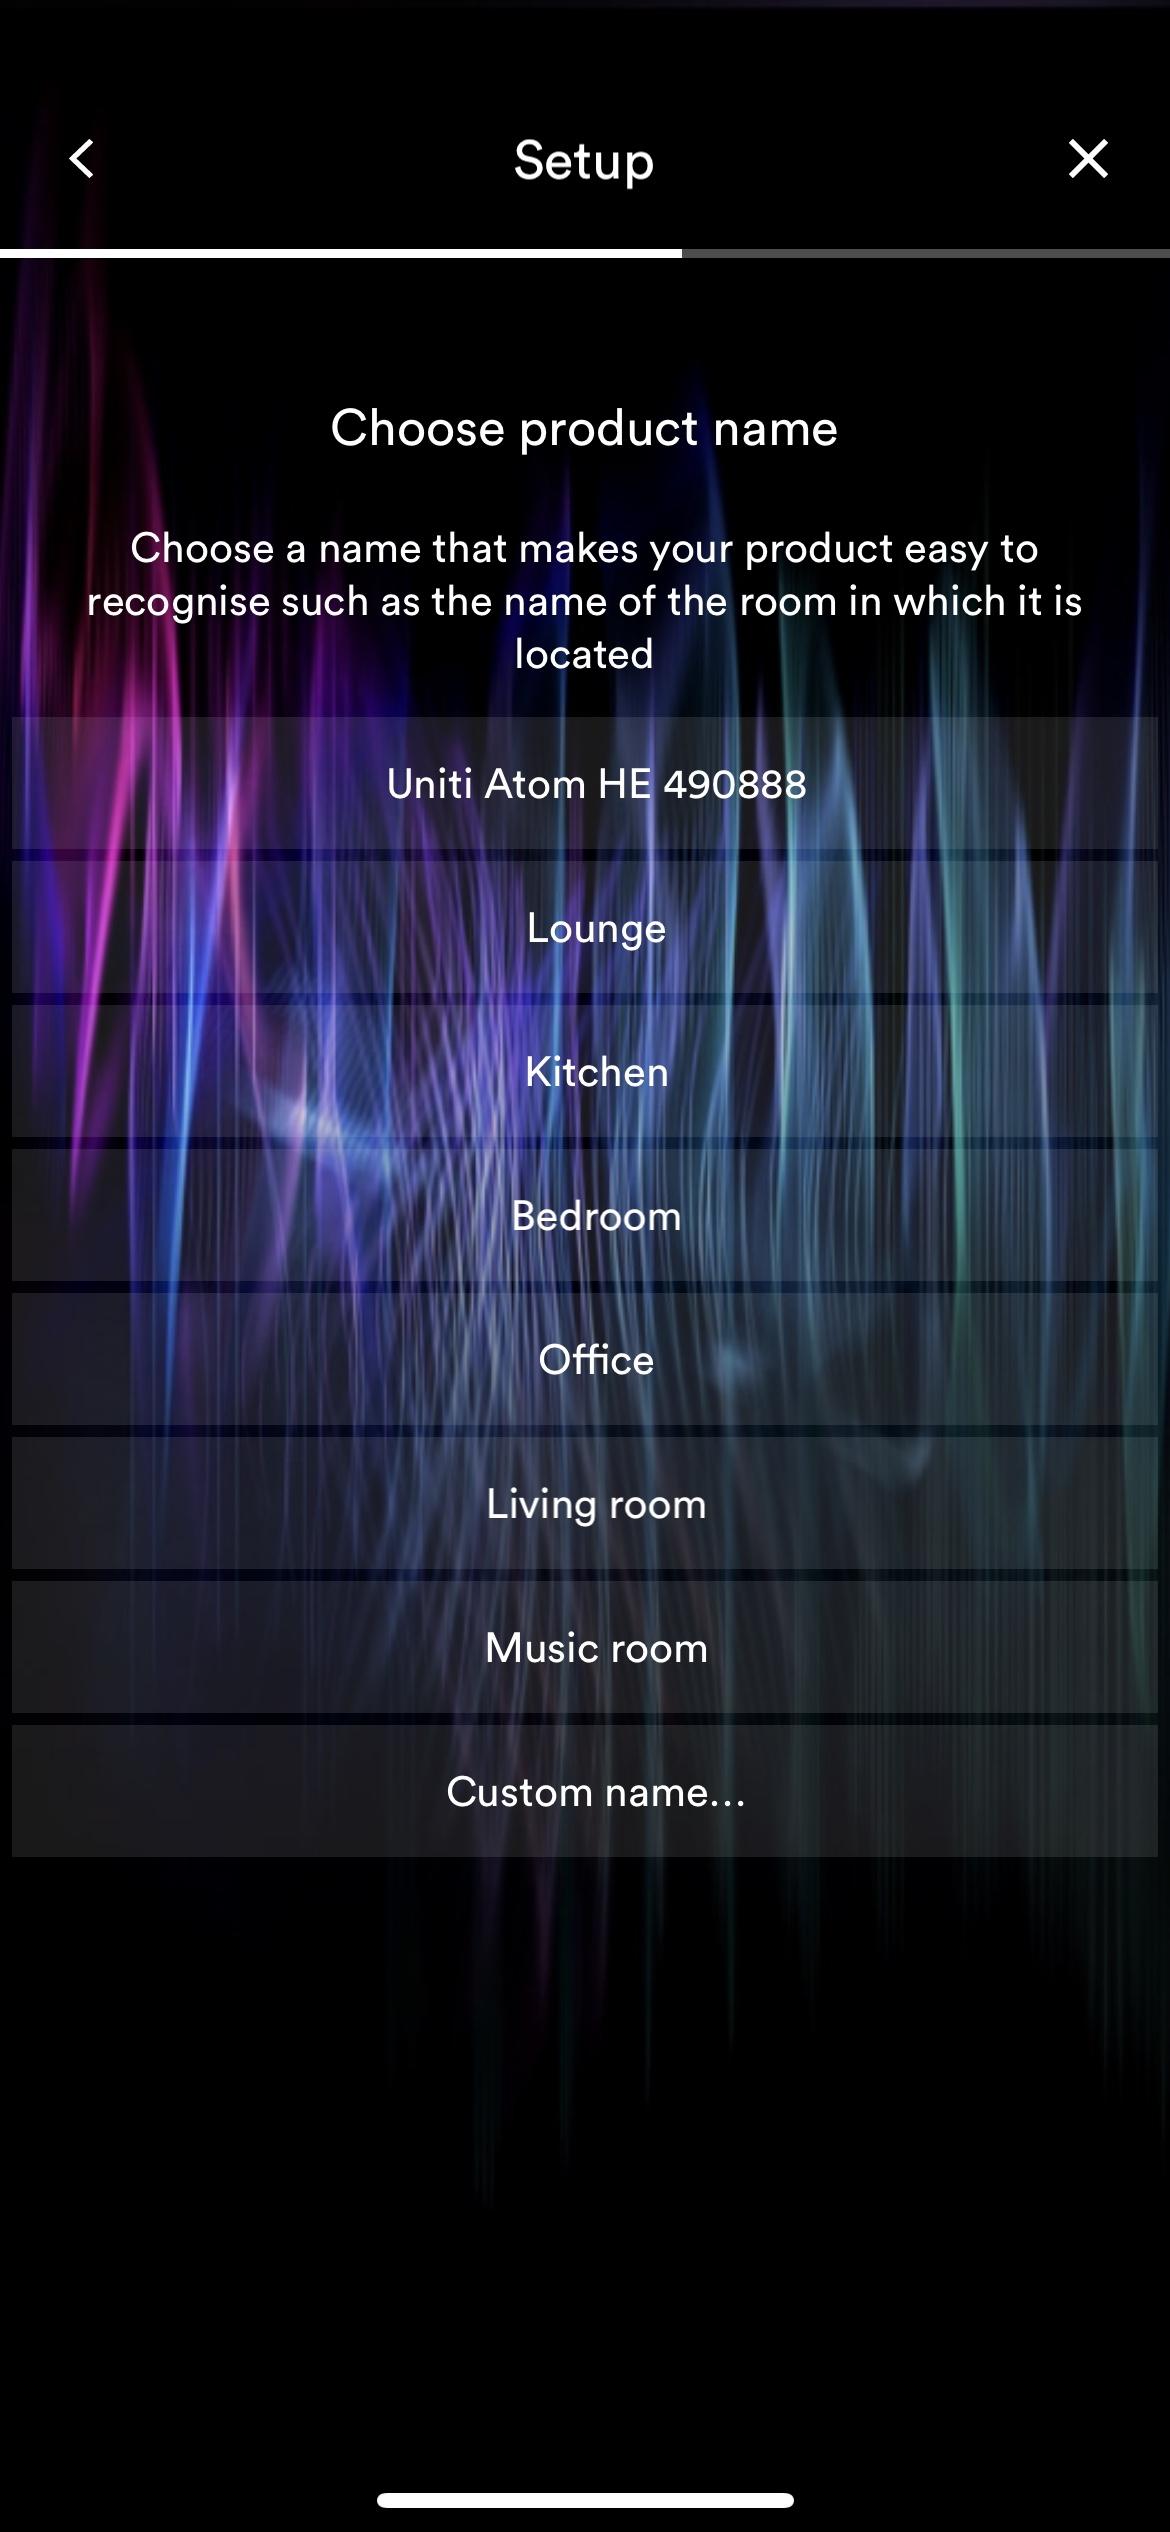 Naim Uniti Atom Headphone Edition - app setup